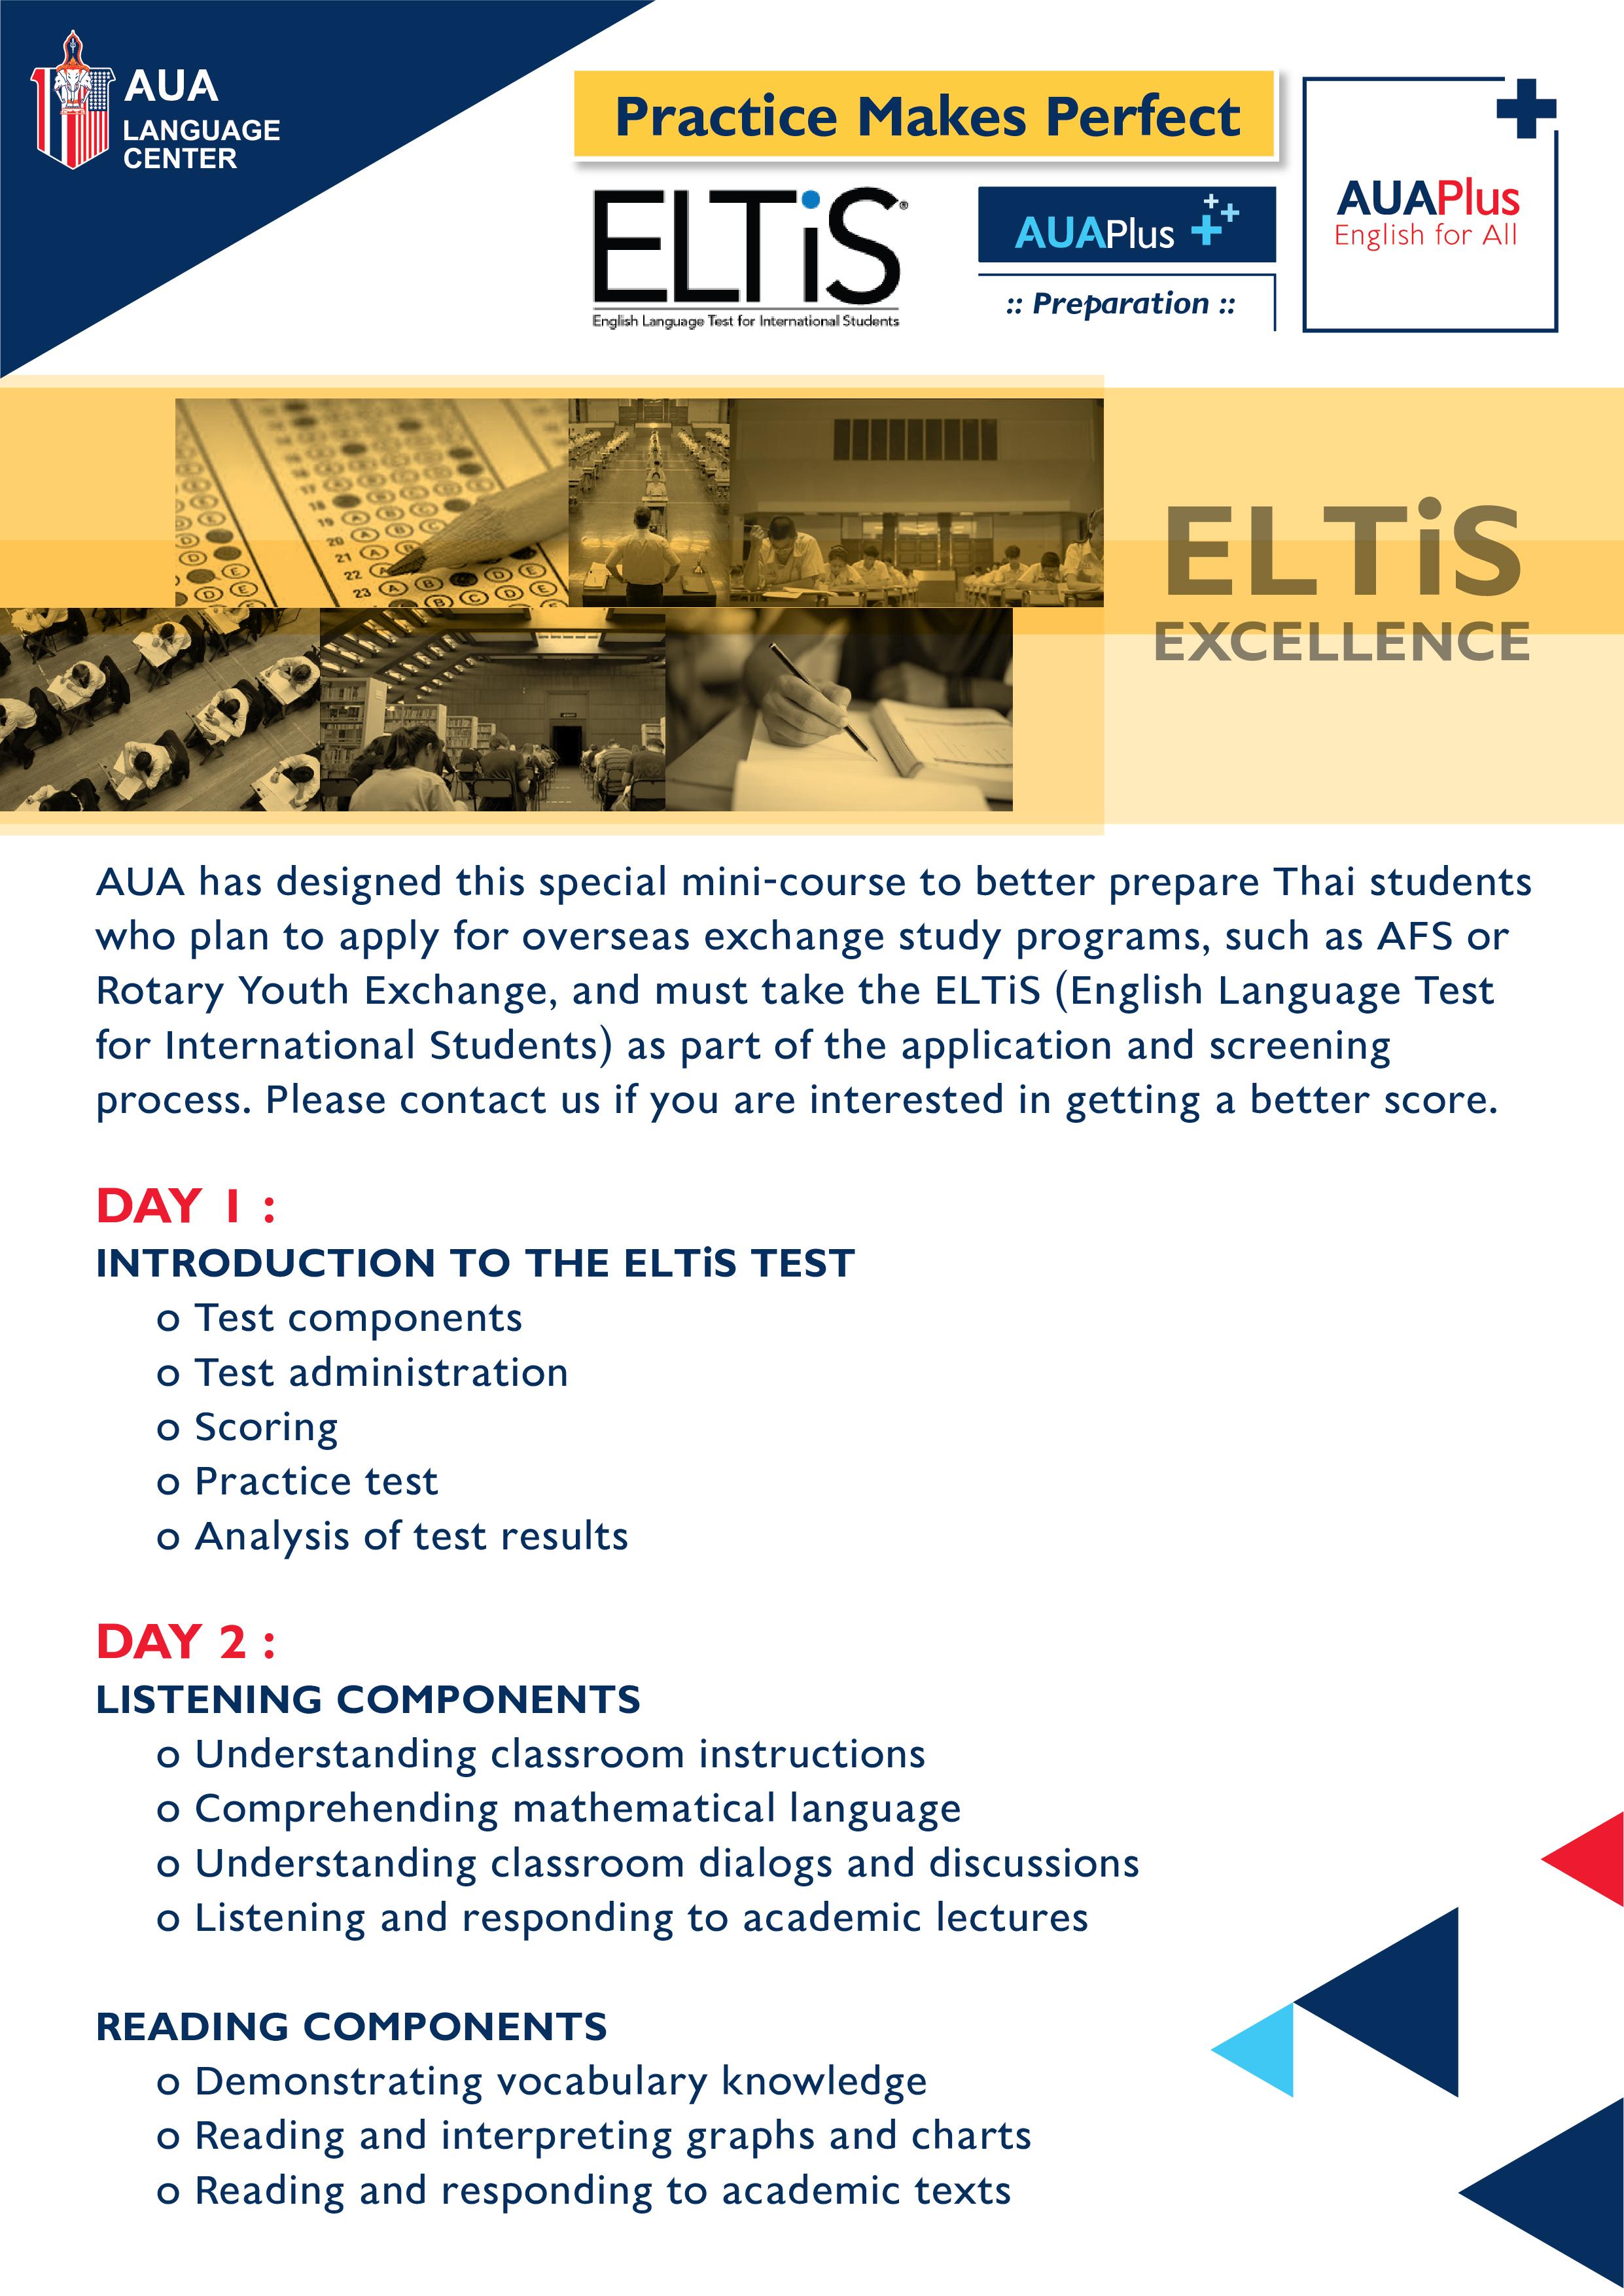 ELTiS Excellence